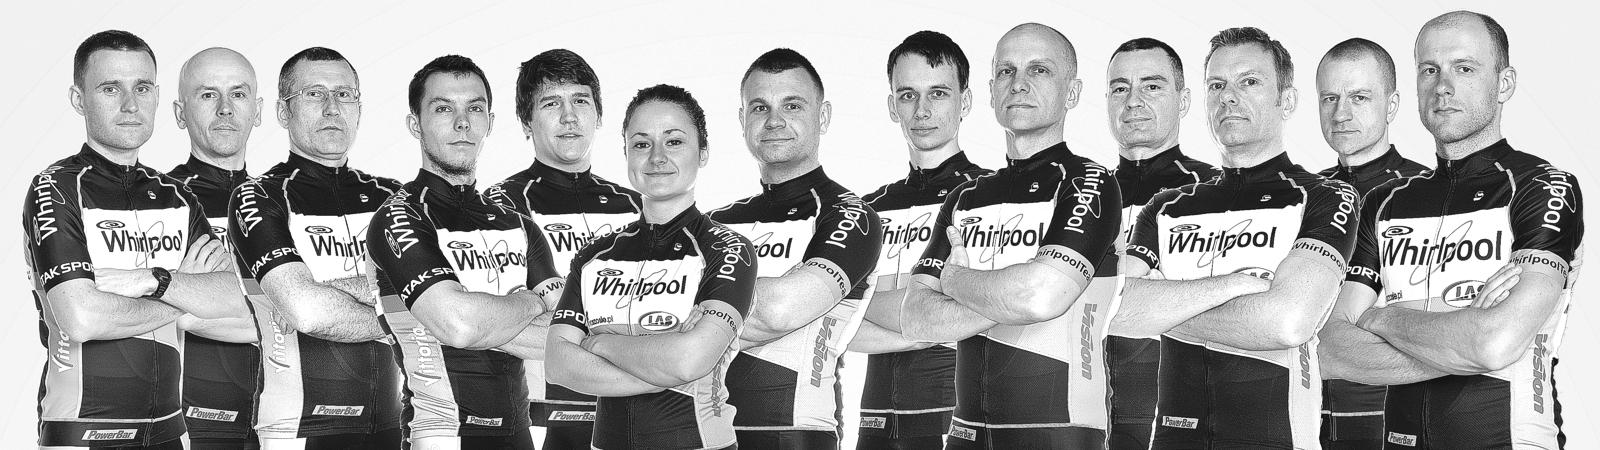 Whirlpool Team